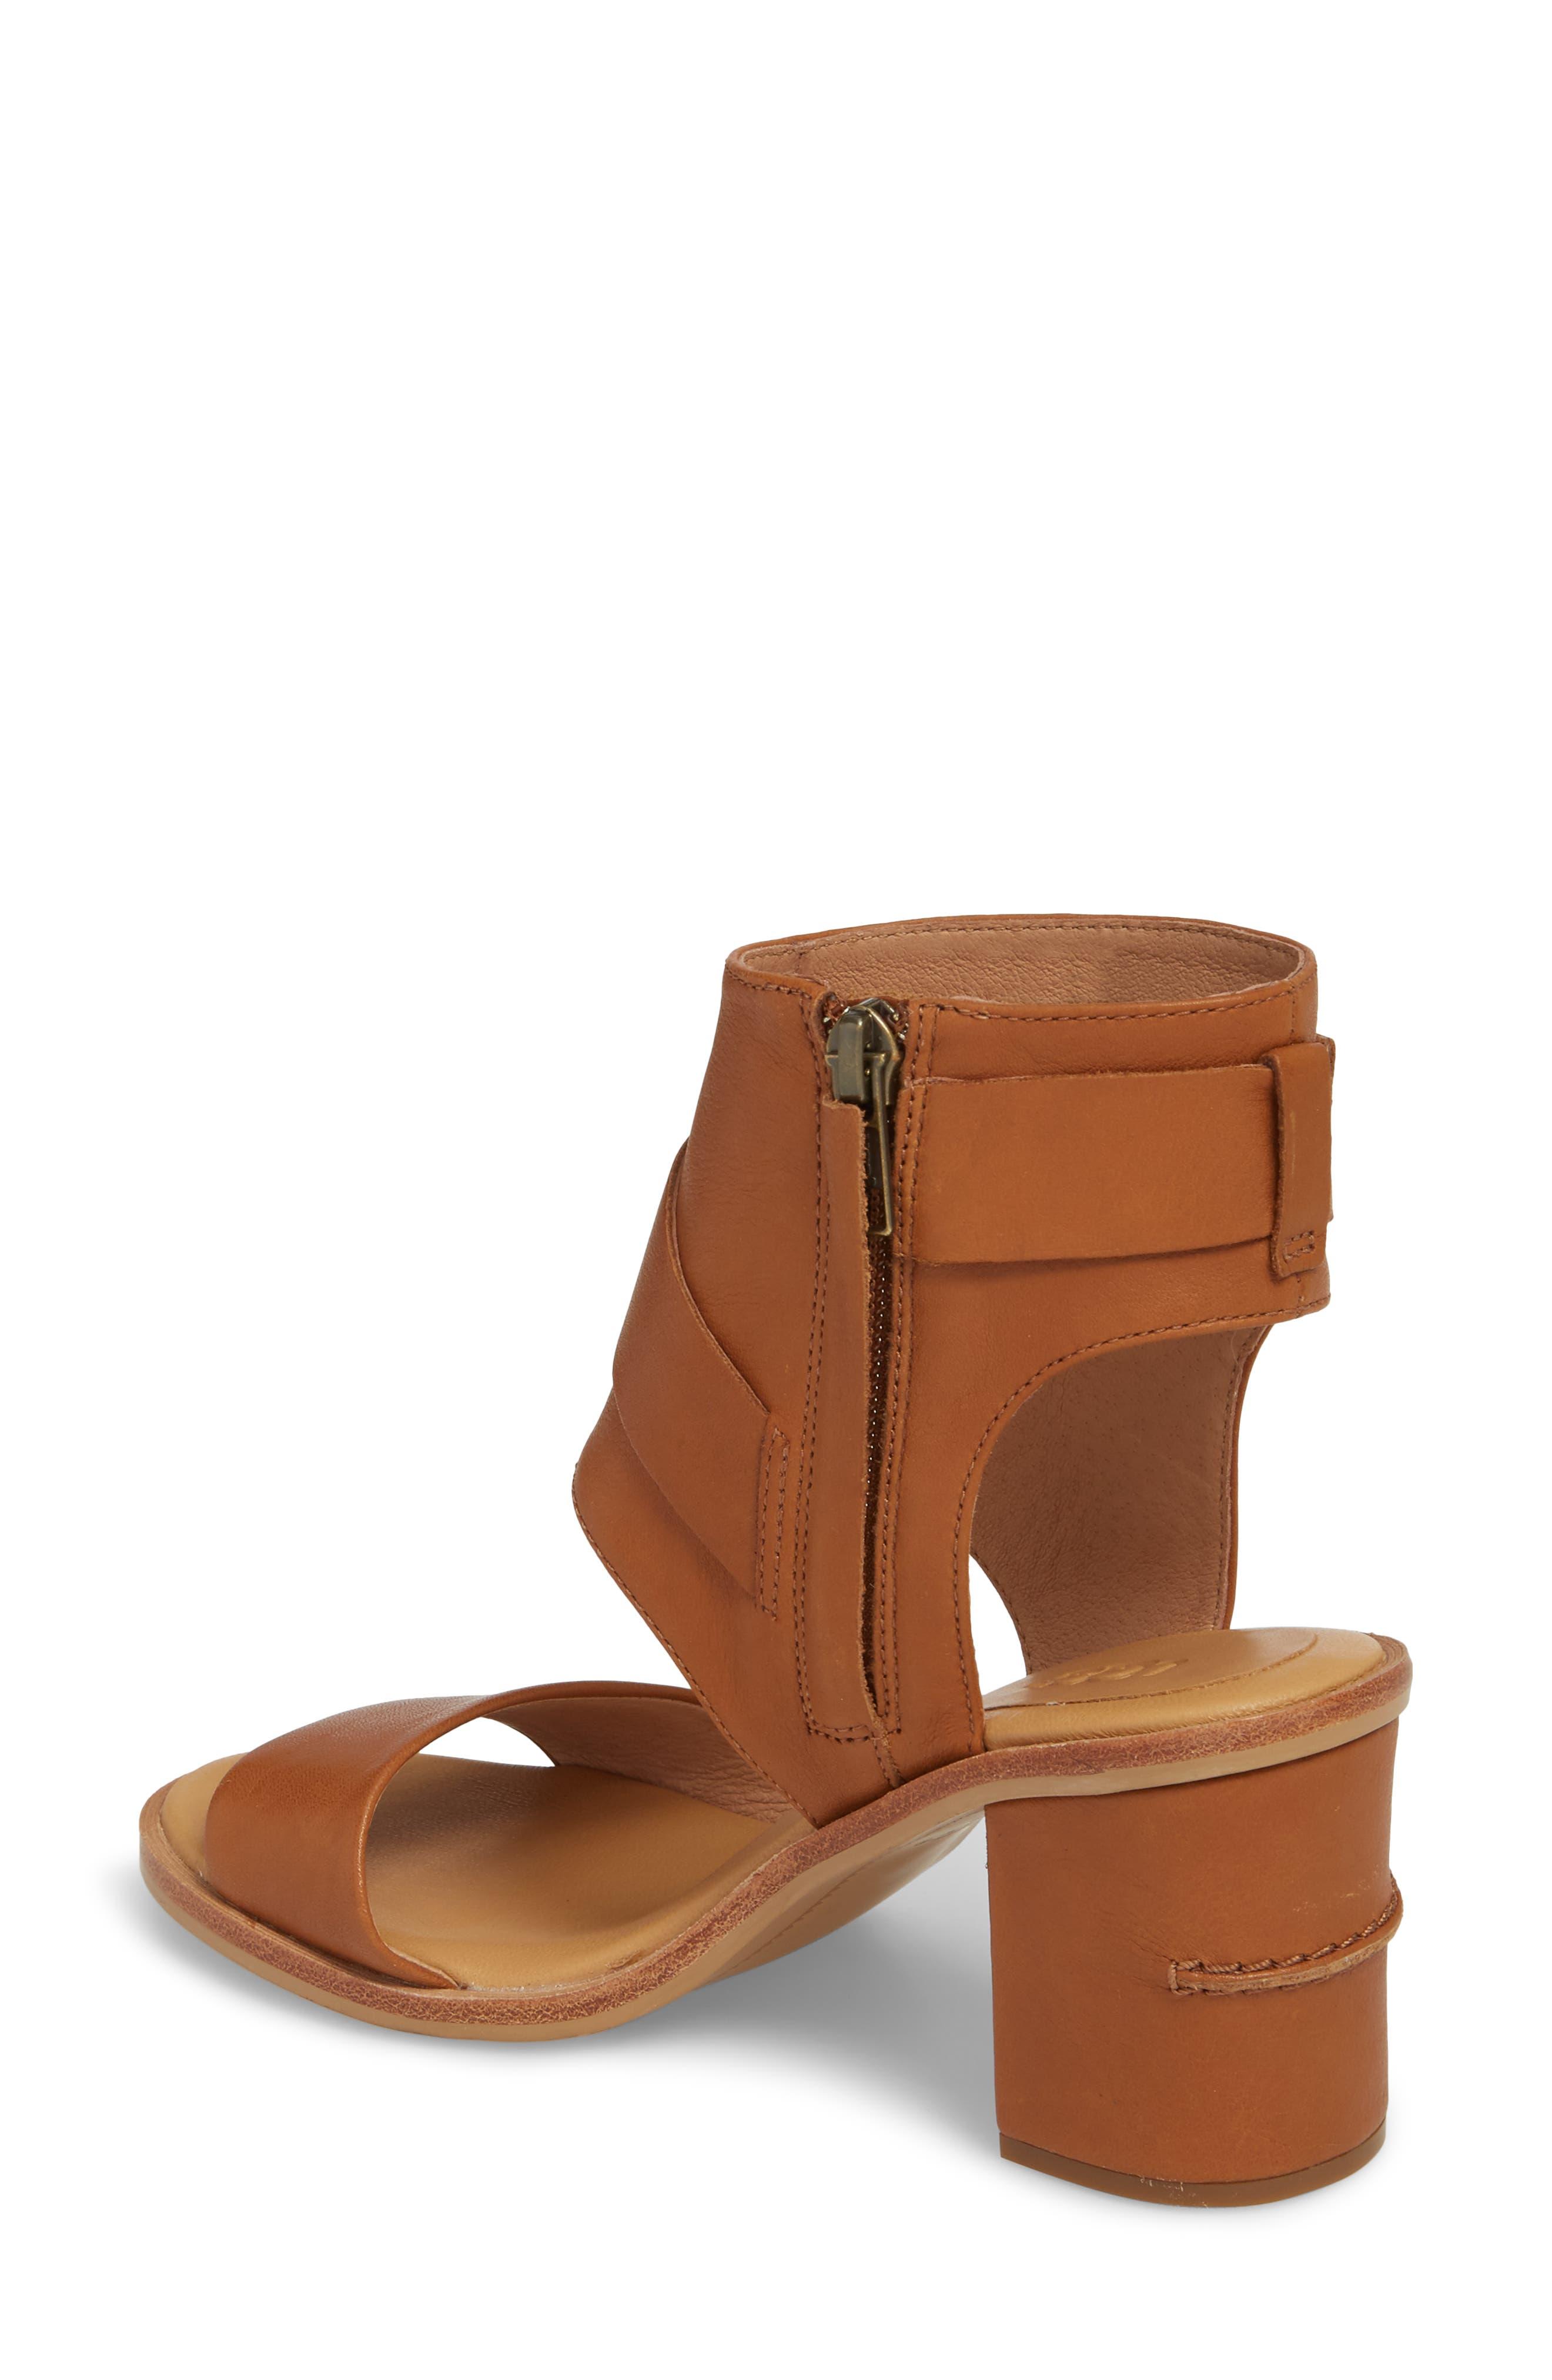 Claudette Cuff Sandal,                             Alternate thumbnail 2, color,                             Almond Leather